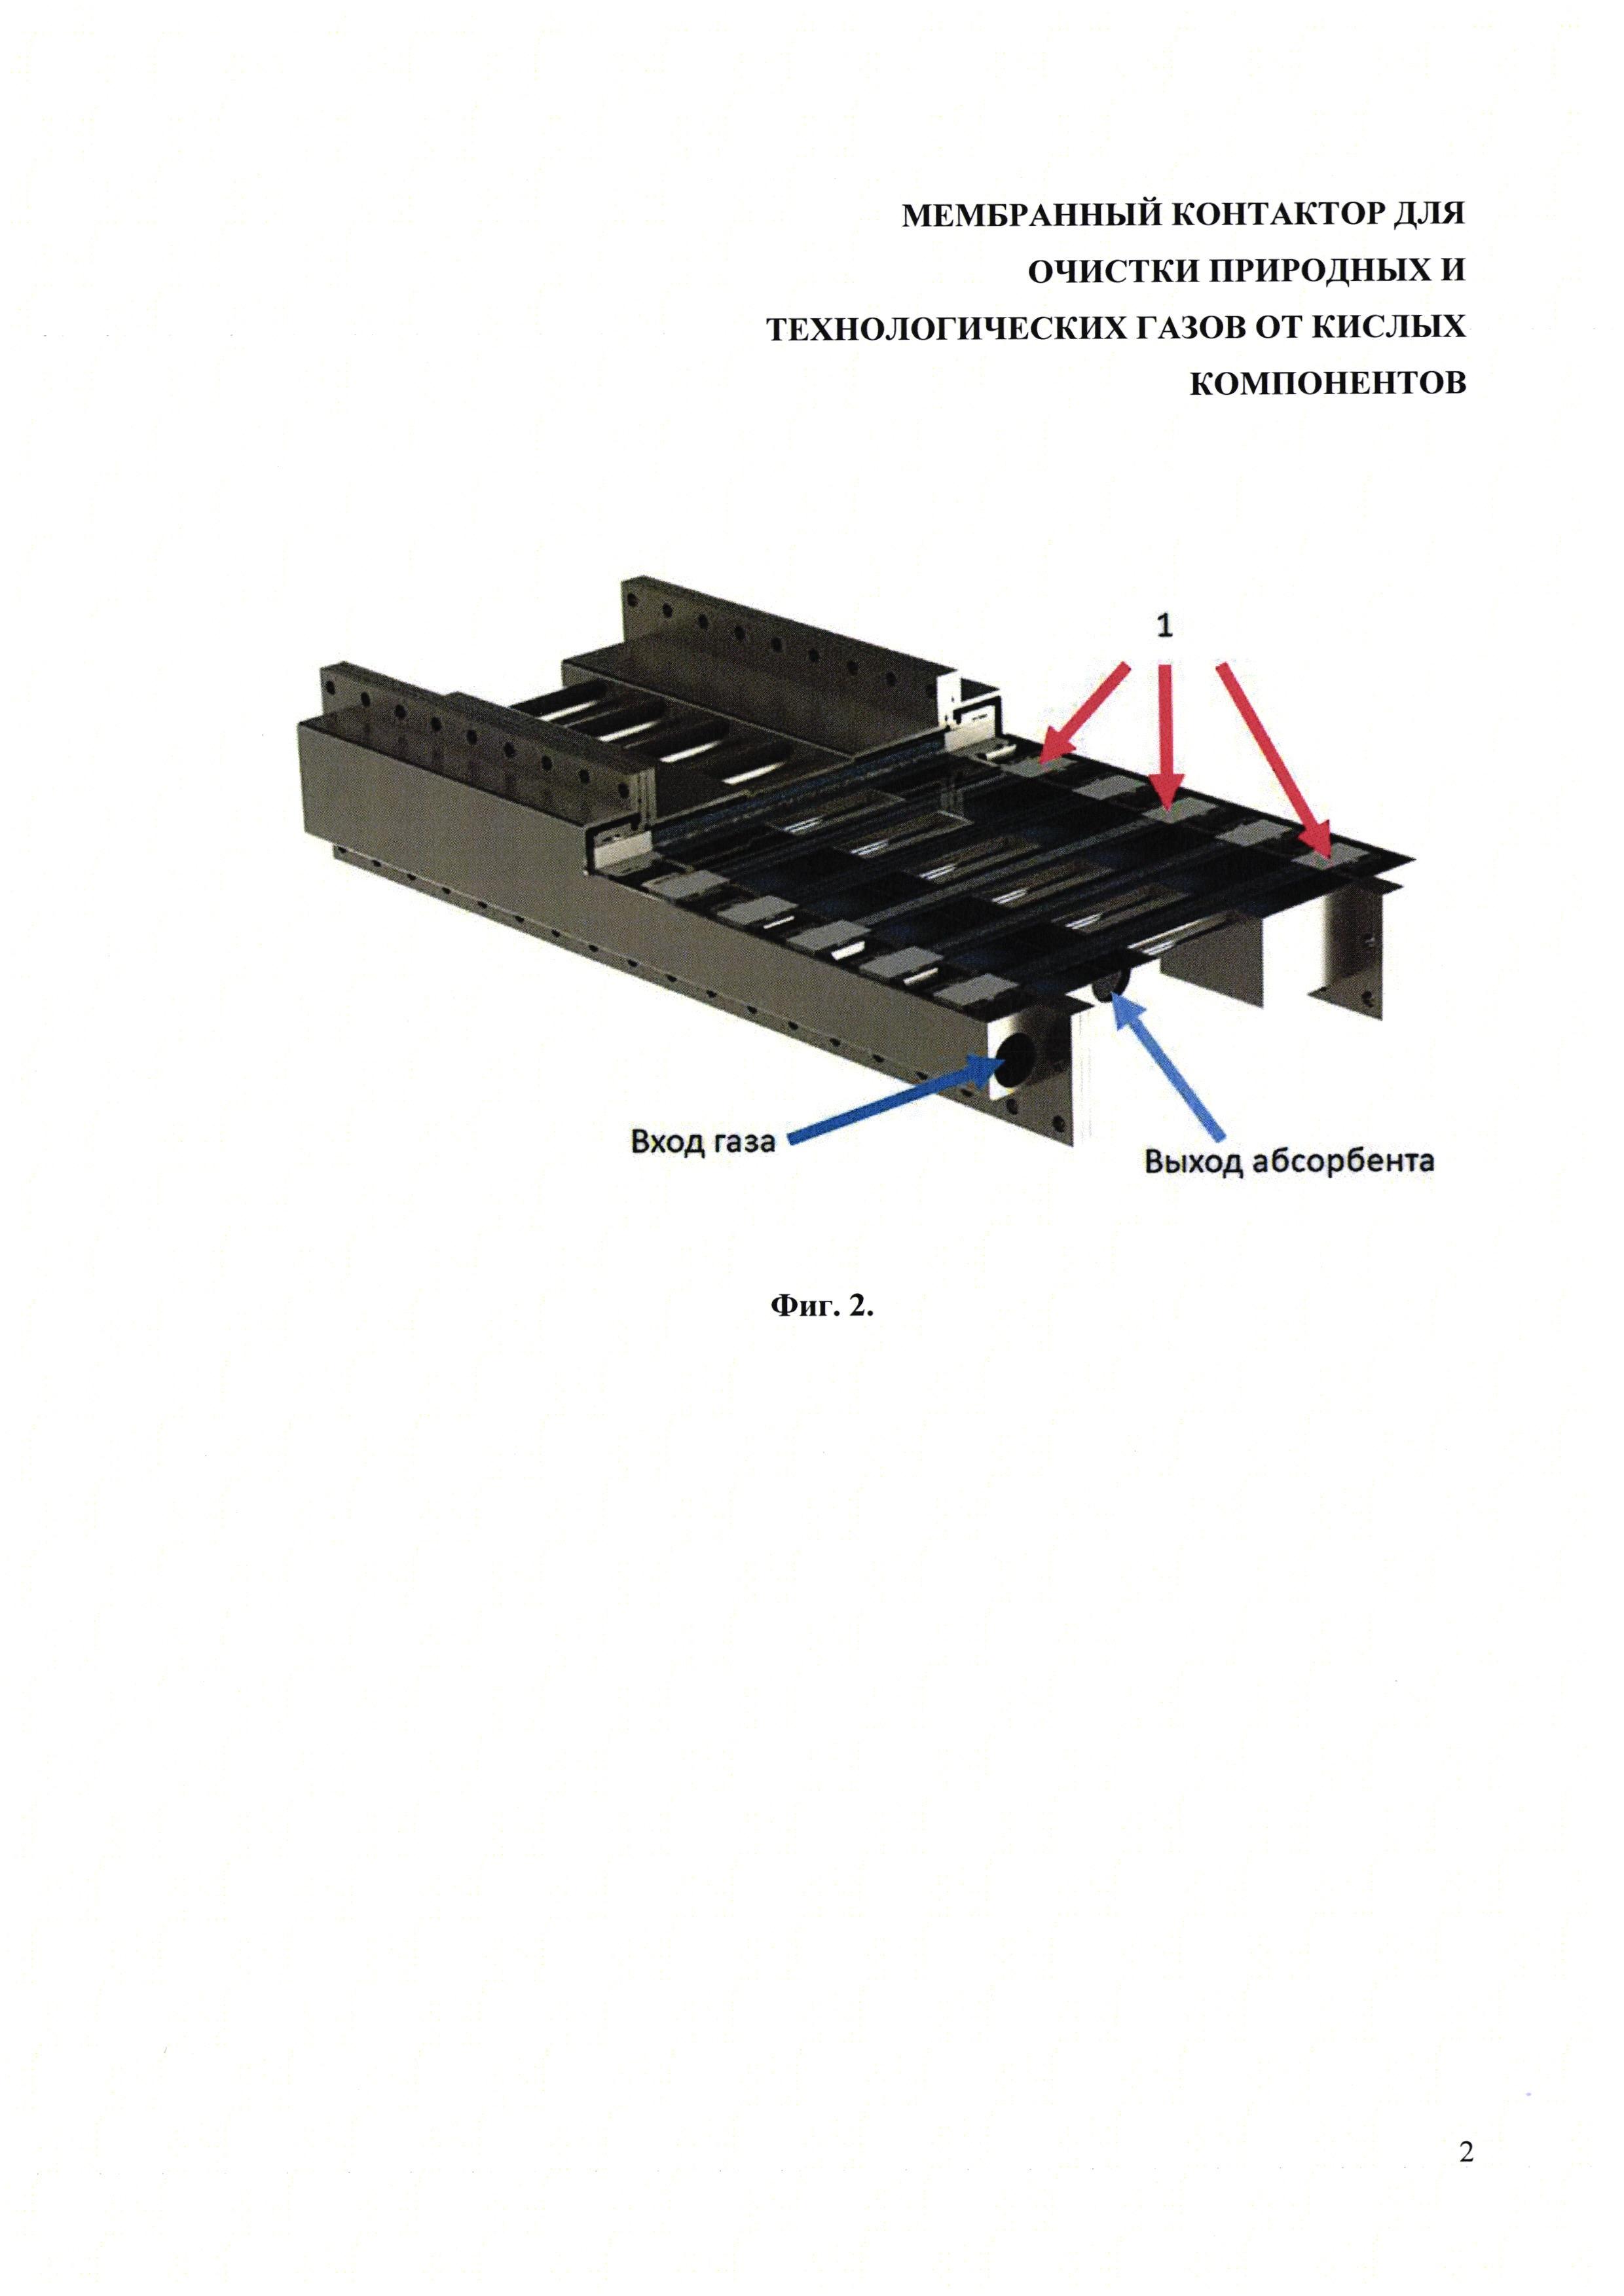 Мембранный контактор для очистки природных и технологических газов от кислых компонентов